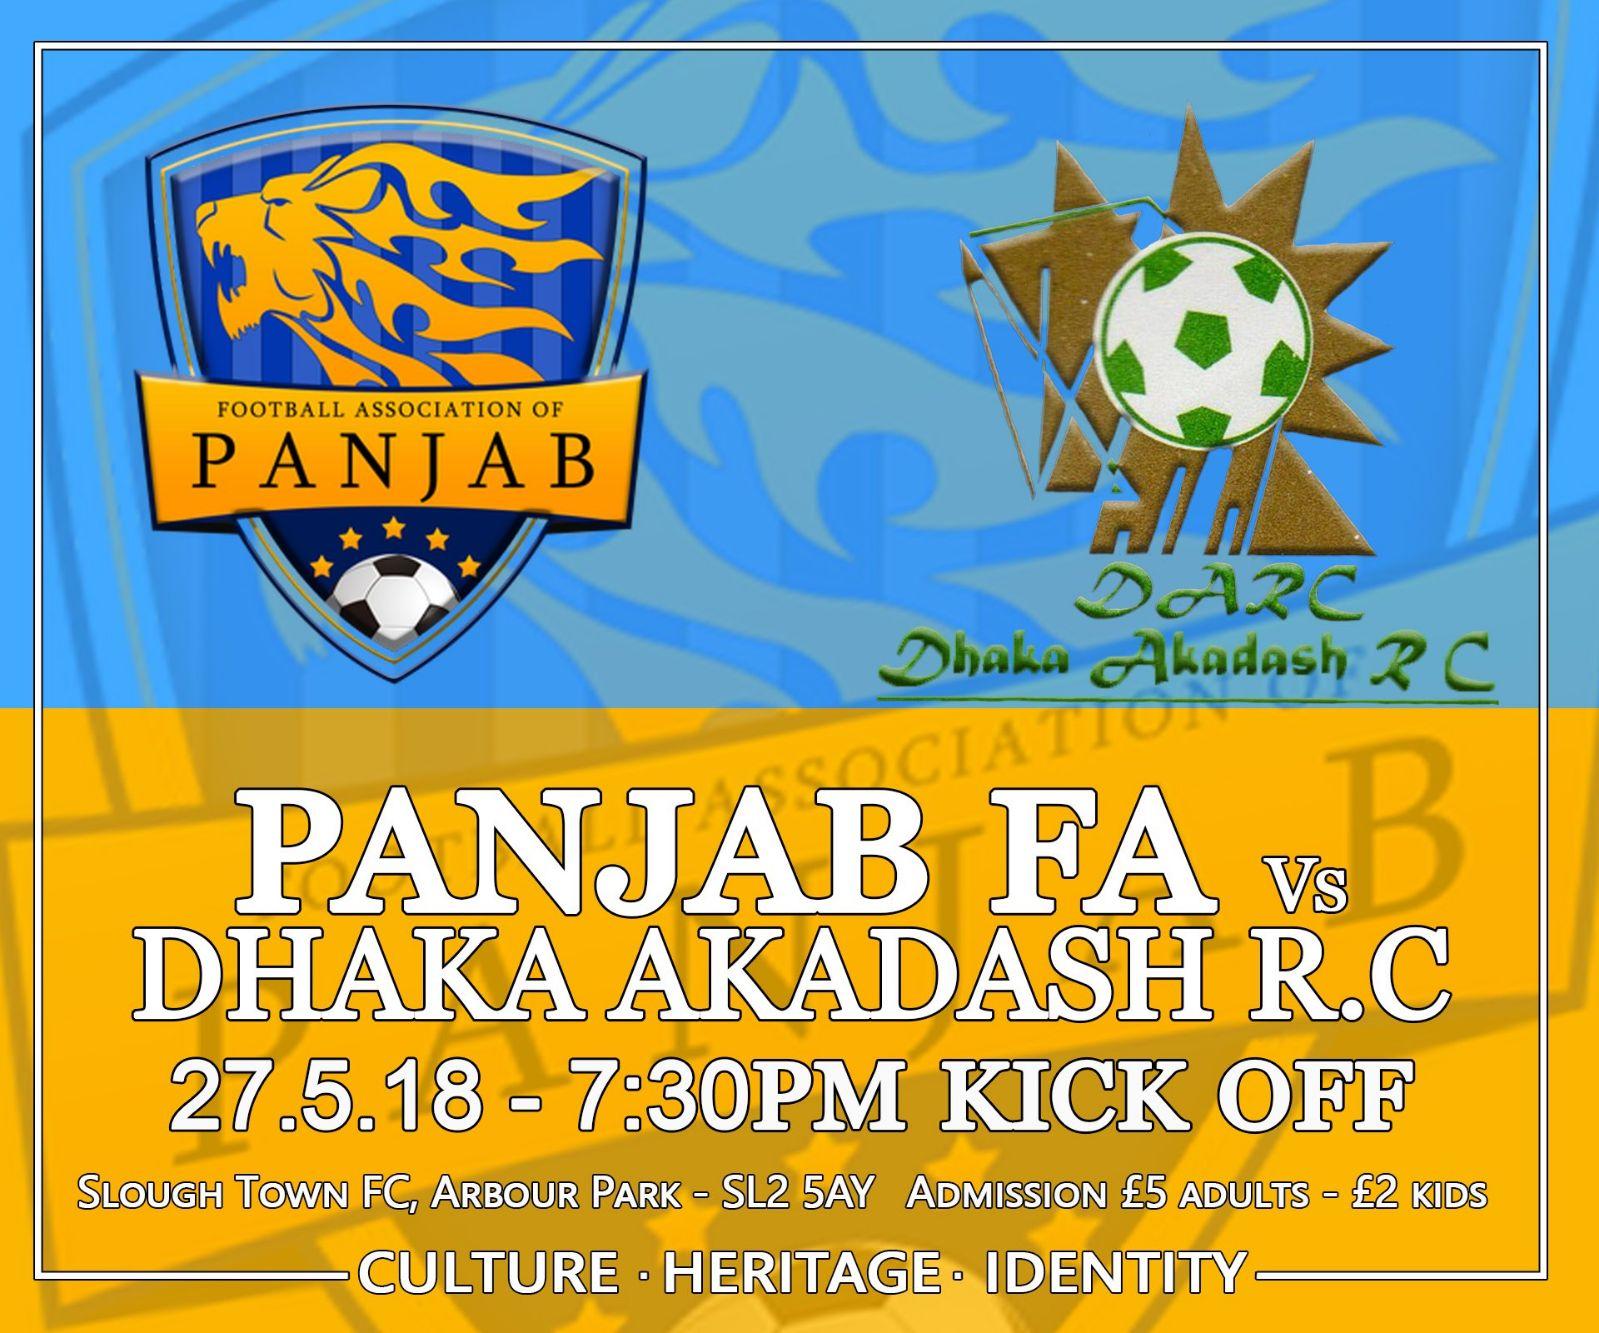 PANJAB VS DHAKA AKADASH R.C. OF BANGLADESH AT SLOUGH TOWN FC